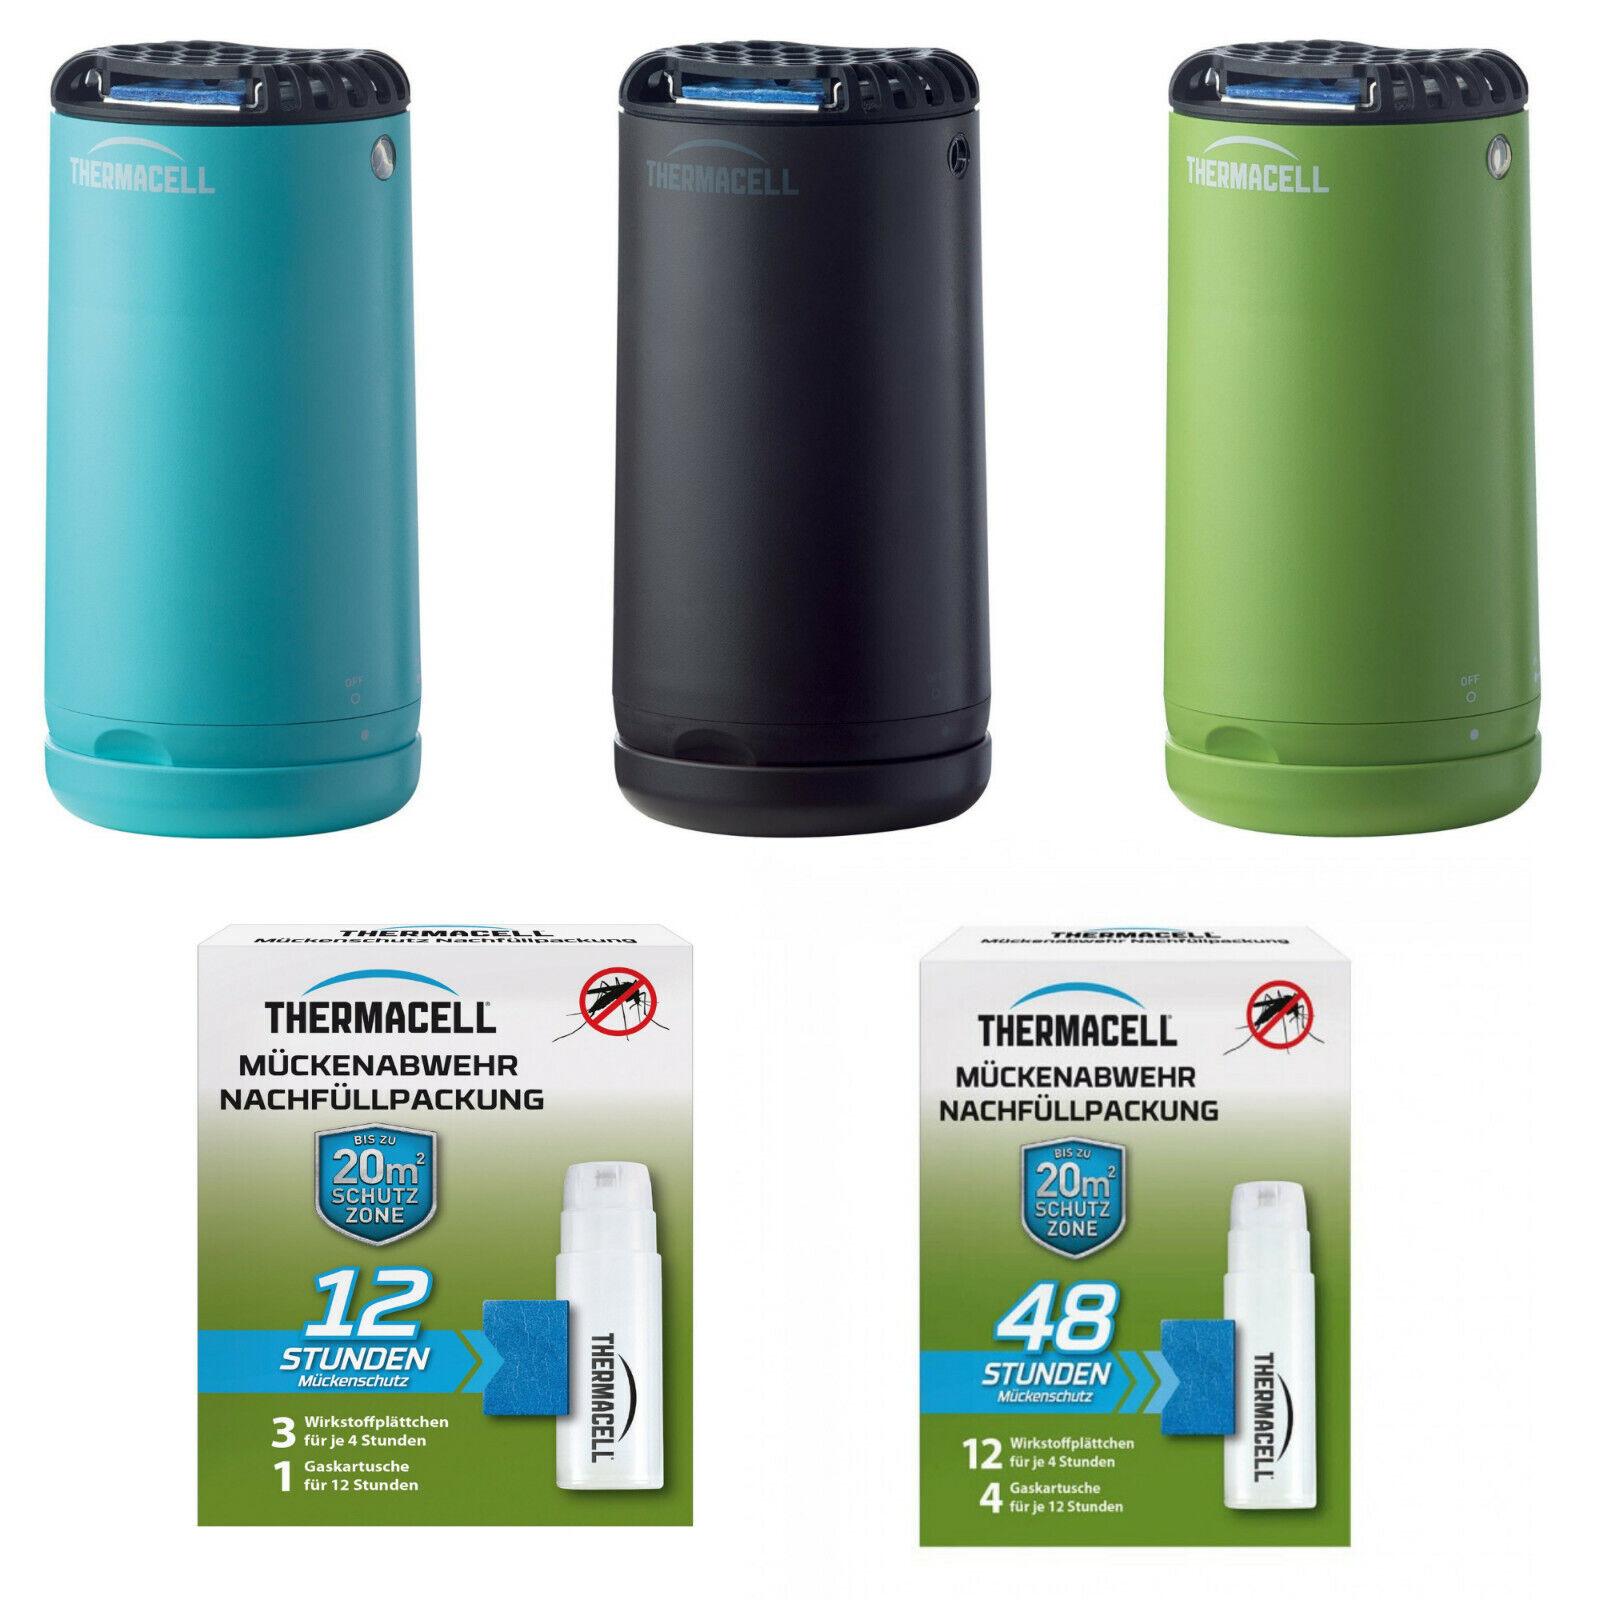 Thermacell Mückenabwehr Protect / Nachfüller Nachfüllpackung Insektenschutz